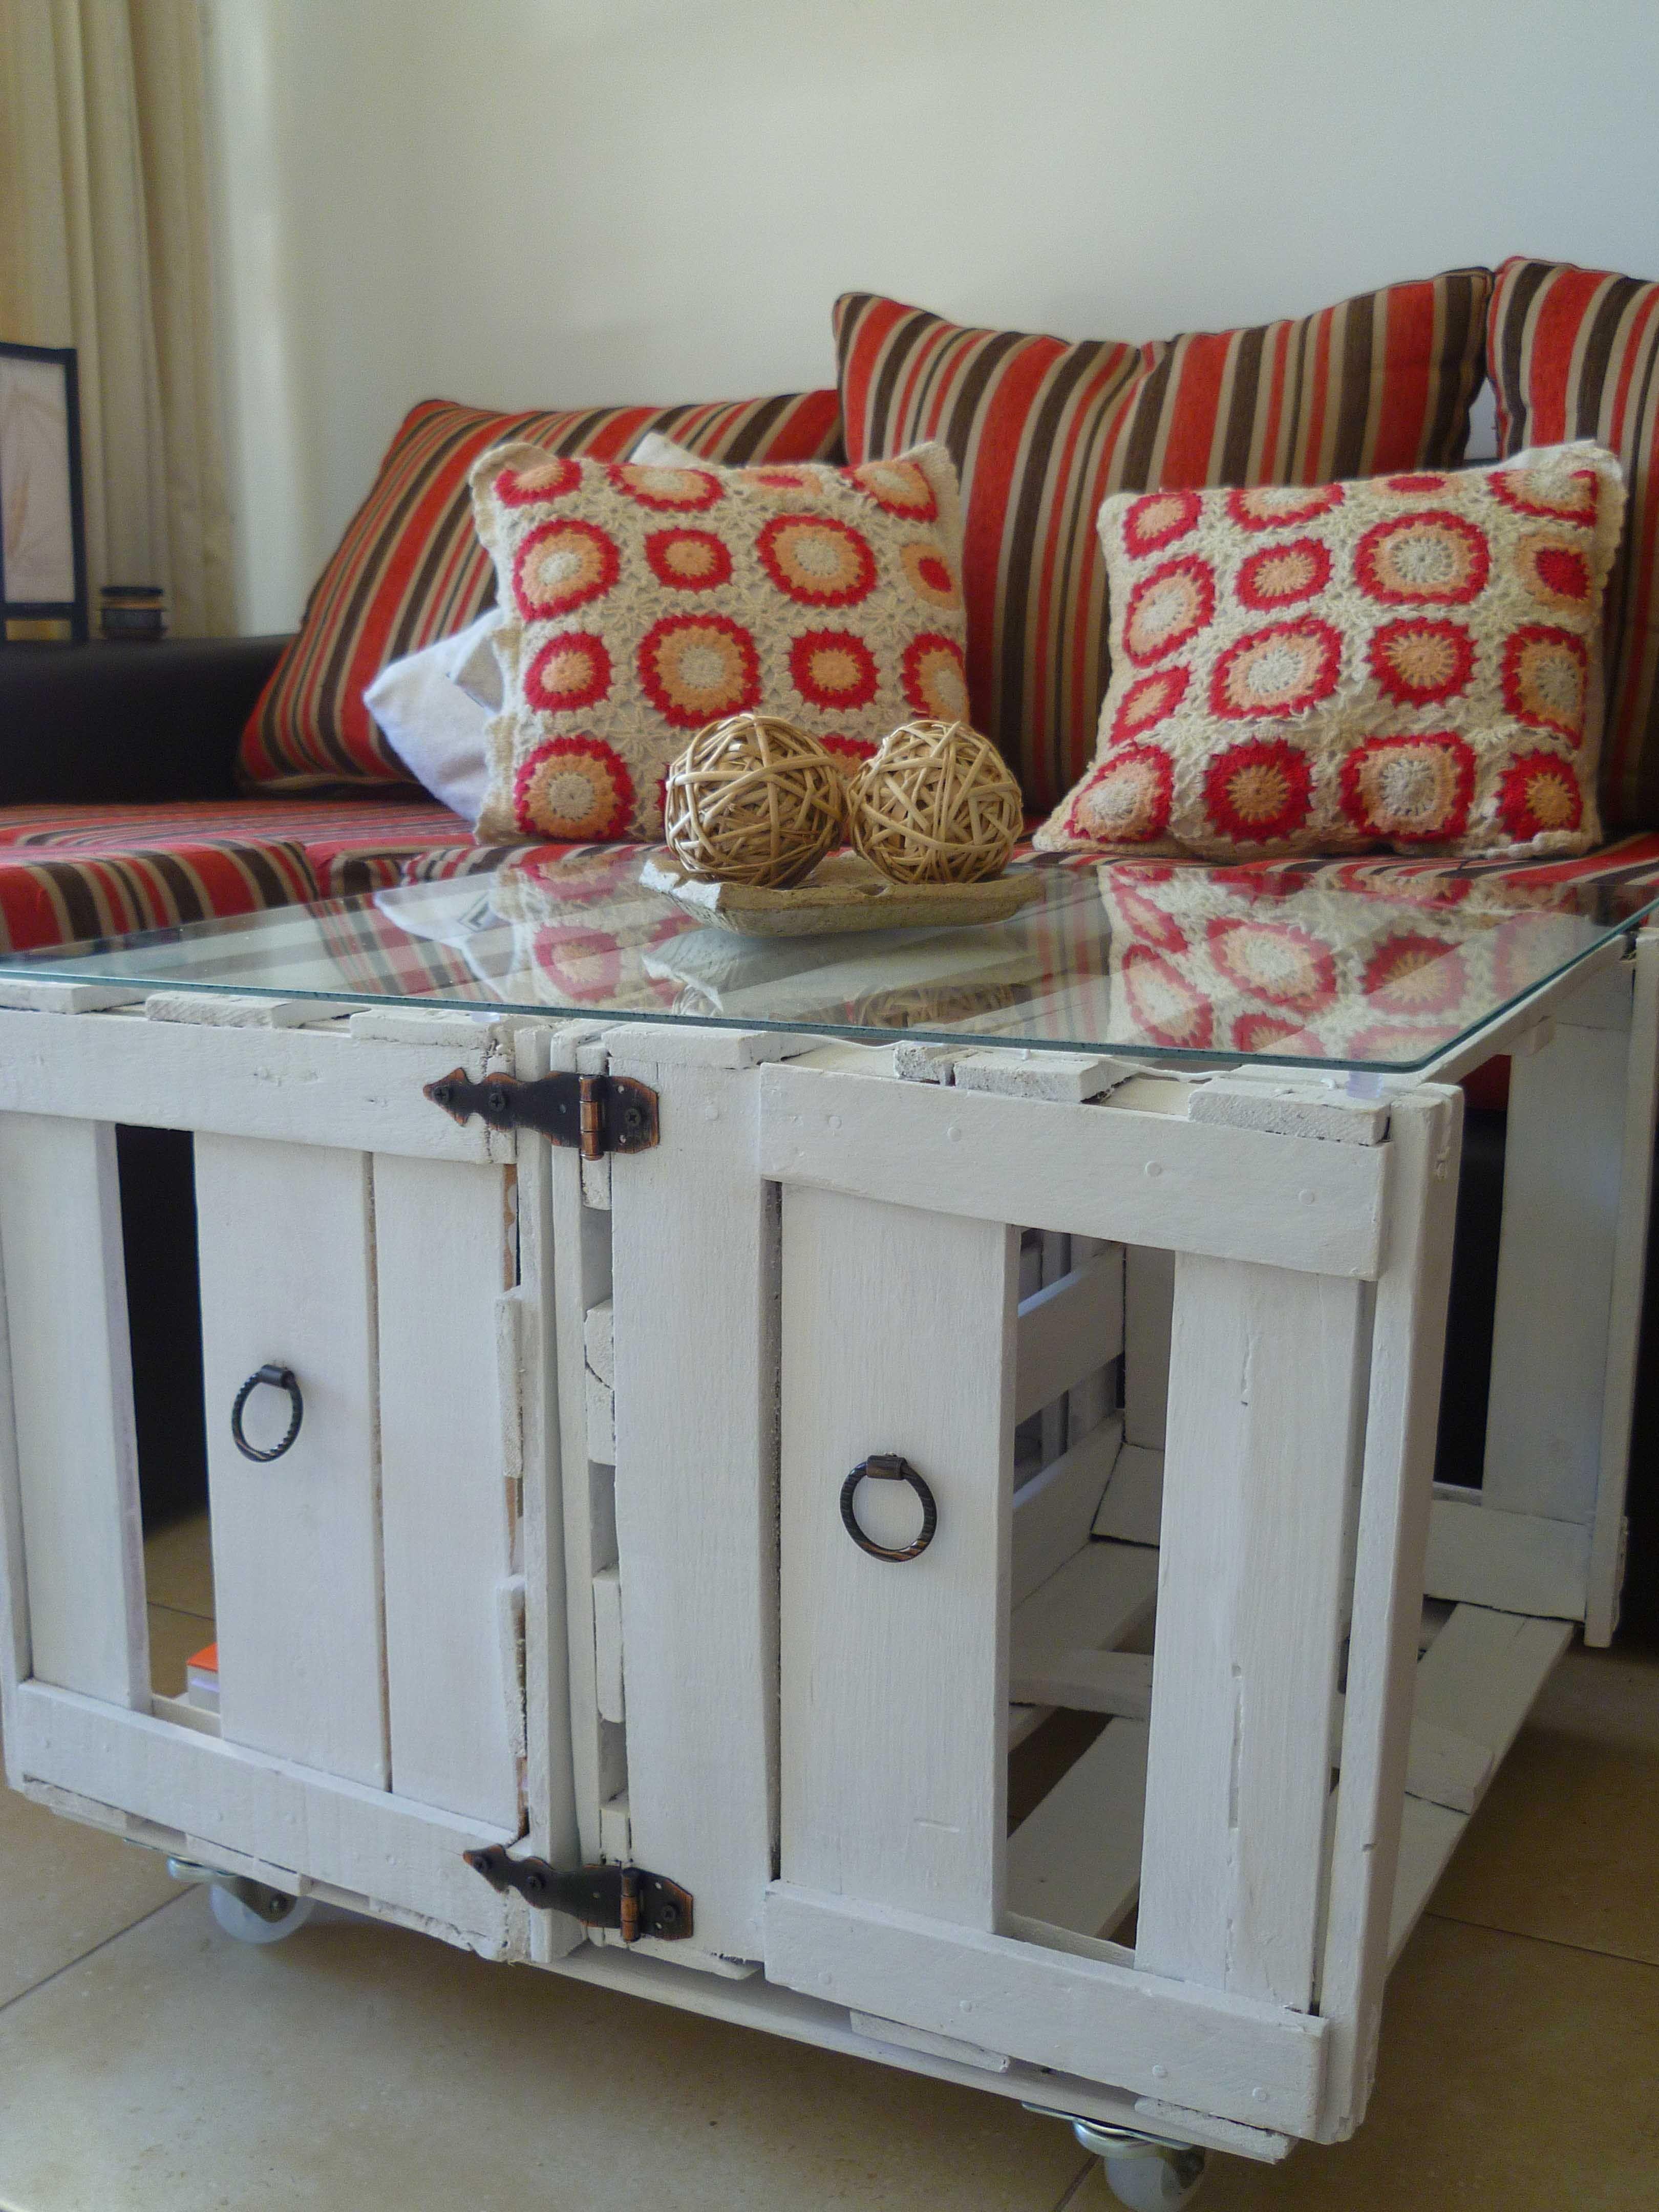 Muebles reciclados on pinterest crates tire ottoman and - Cajas de madera recicladas ...